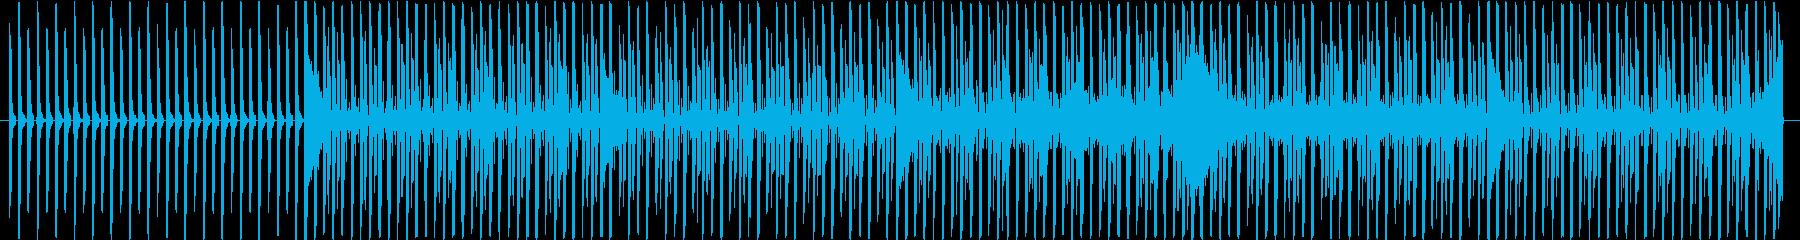 エレクトロポップ研究所バウンシーハ...の再生済みの波形